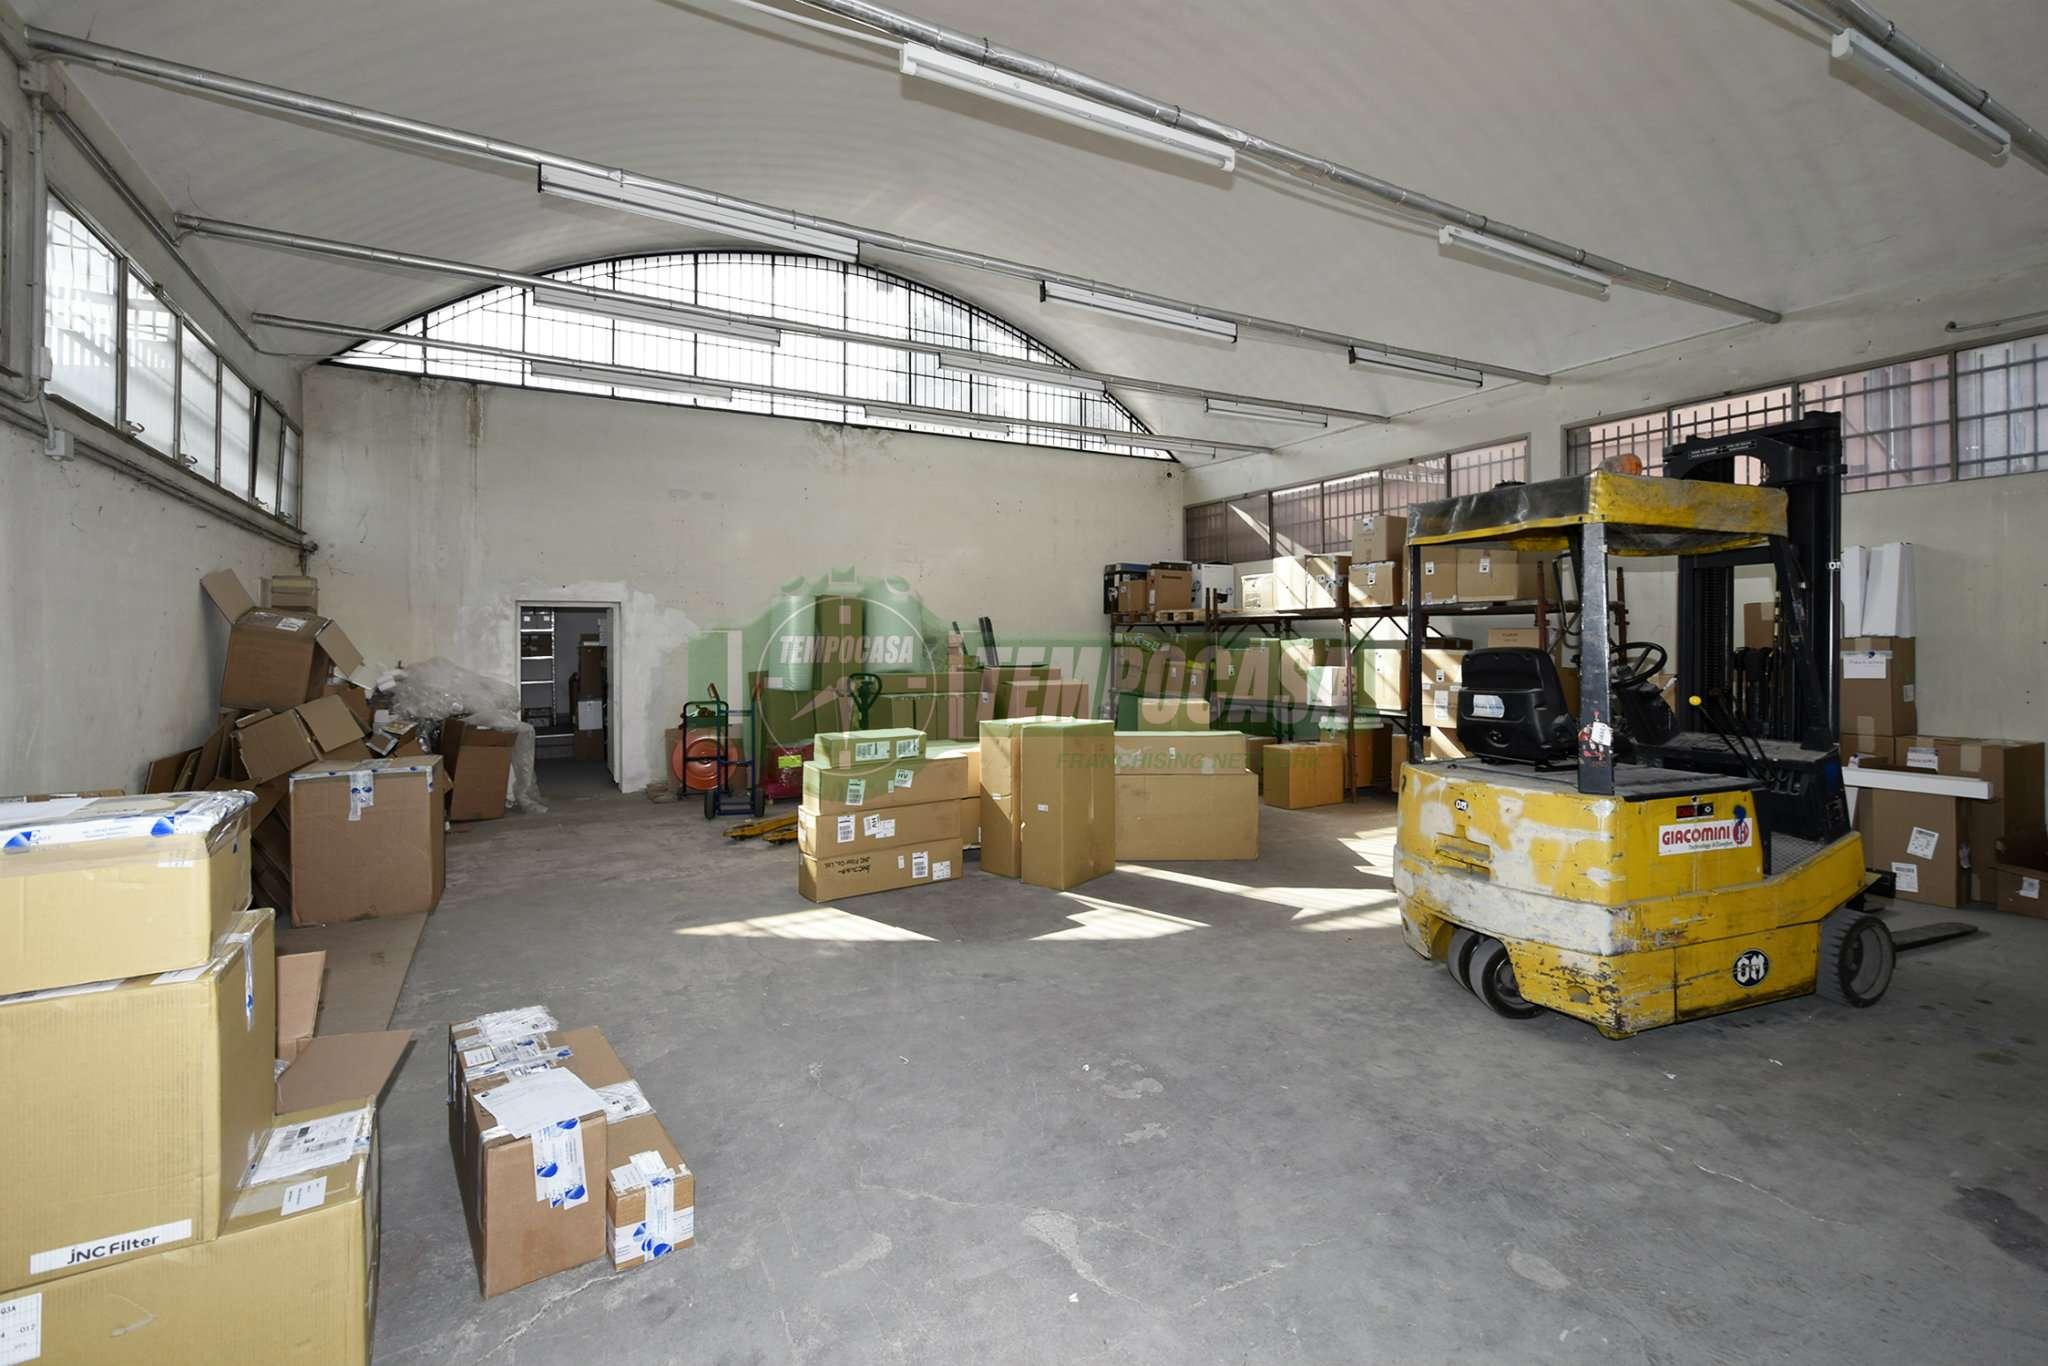 Laboratorio in vendita a Settimo Milanese, 2 locali, prezzo € 140.000 | CambioCasa.it